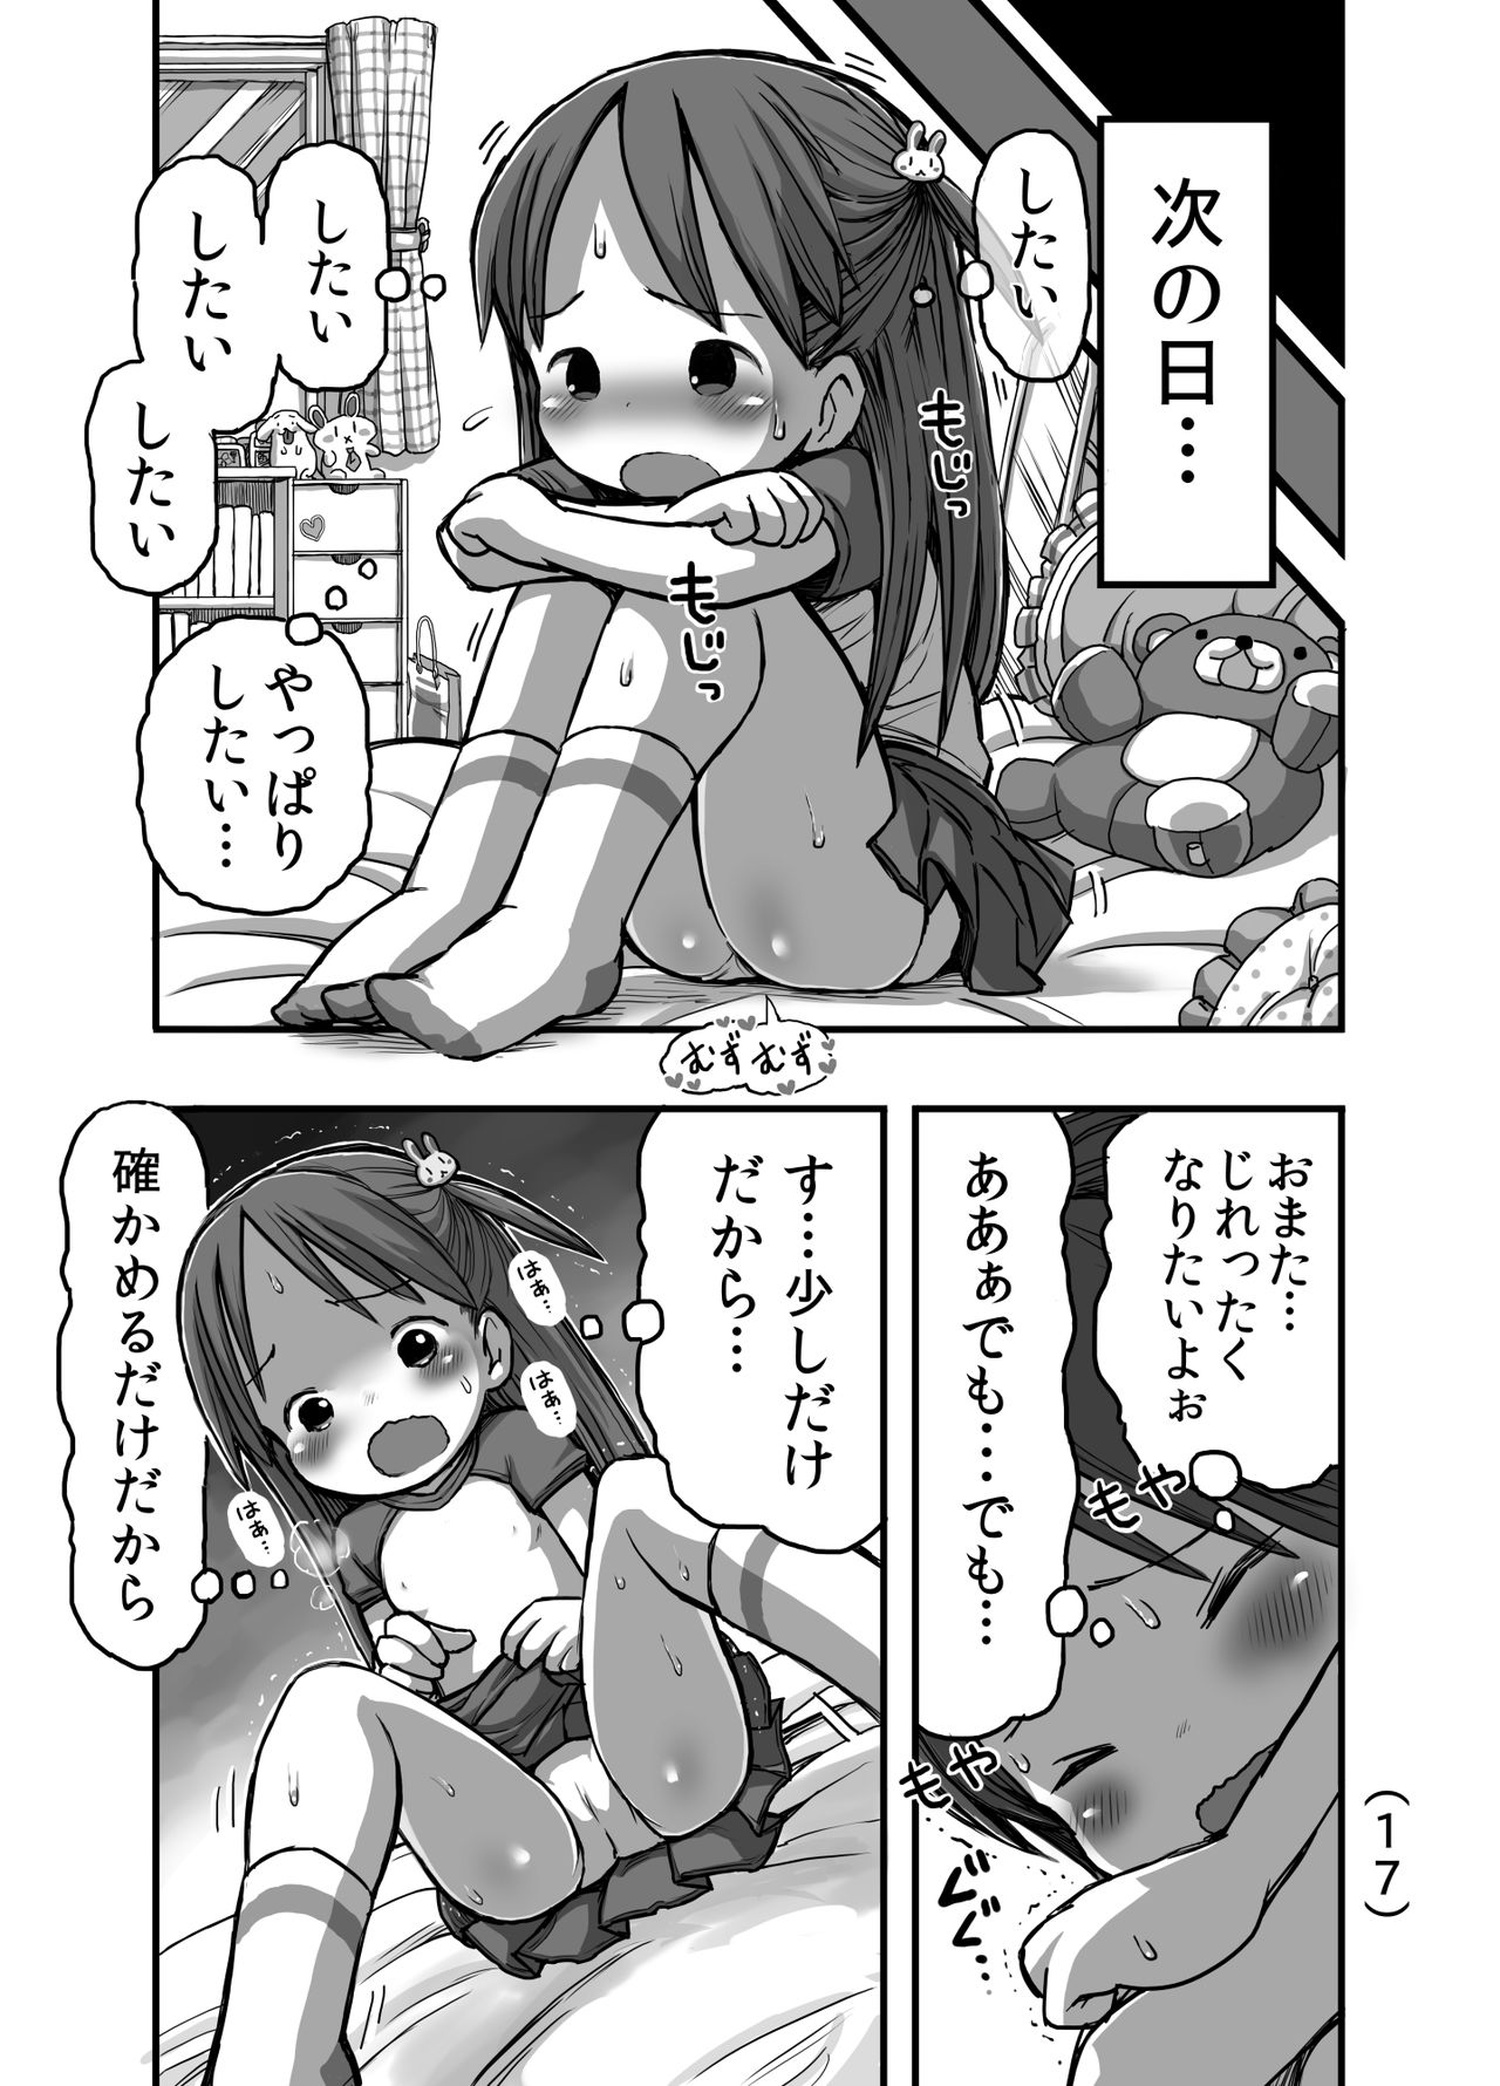 【エロ漫画・エロ同人】偶然乳首とクリトリスの気持ちよさに気づいた幼女が角にハマって学校でも押し当ててオナニーwwww (18)